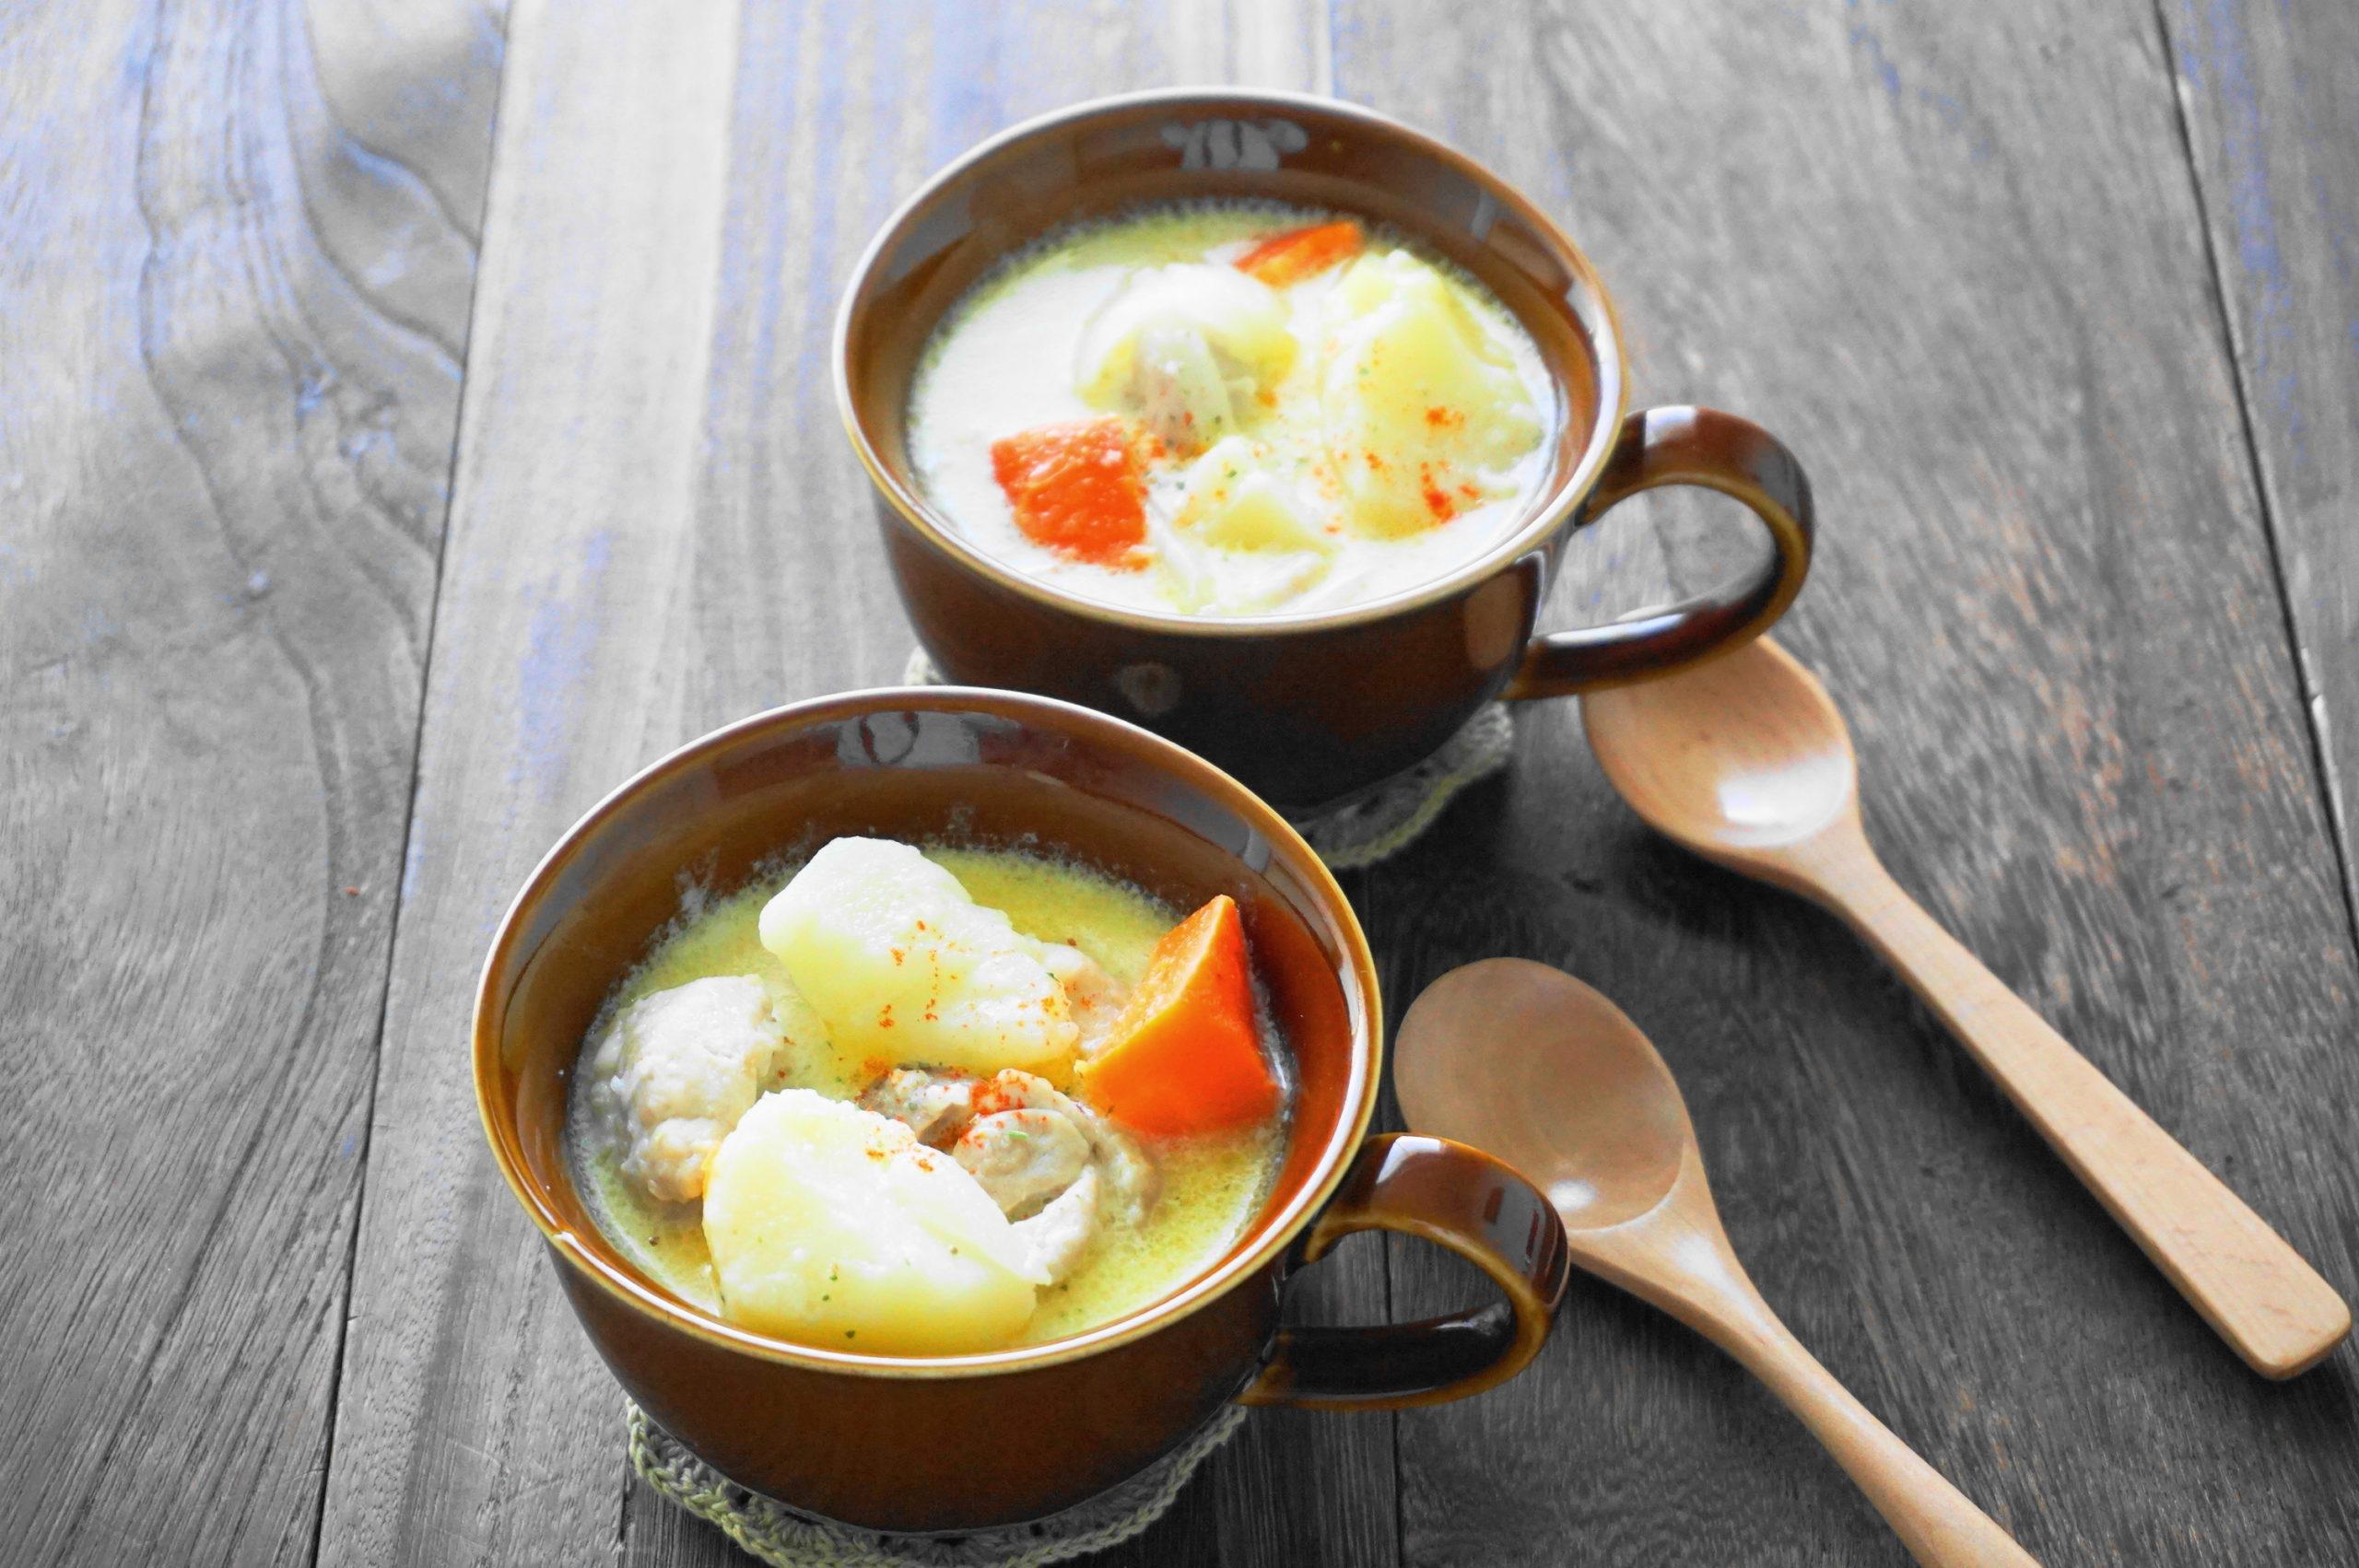 【濃いアーモンドミルクレシピ】アーモンドミルクとジャガイモのシュクメルリ